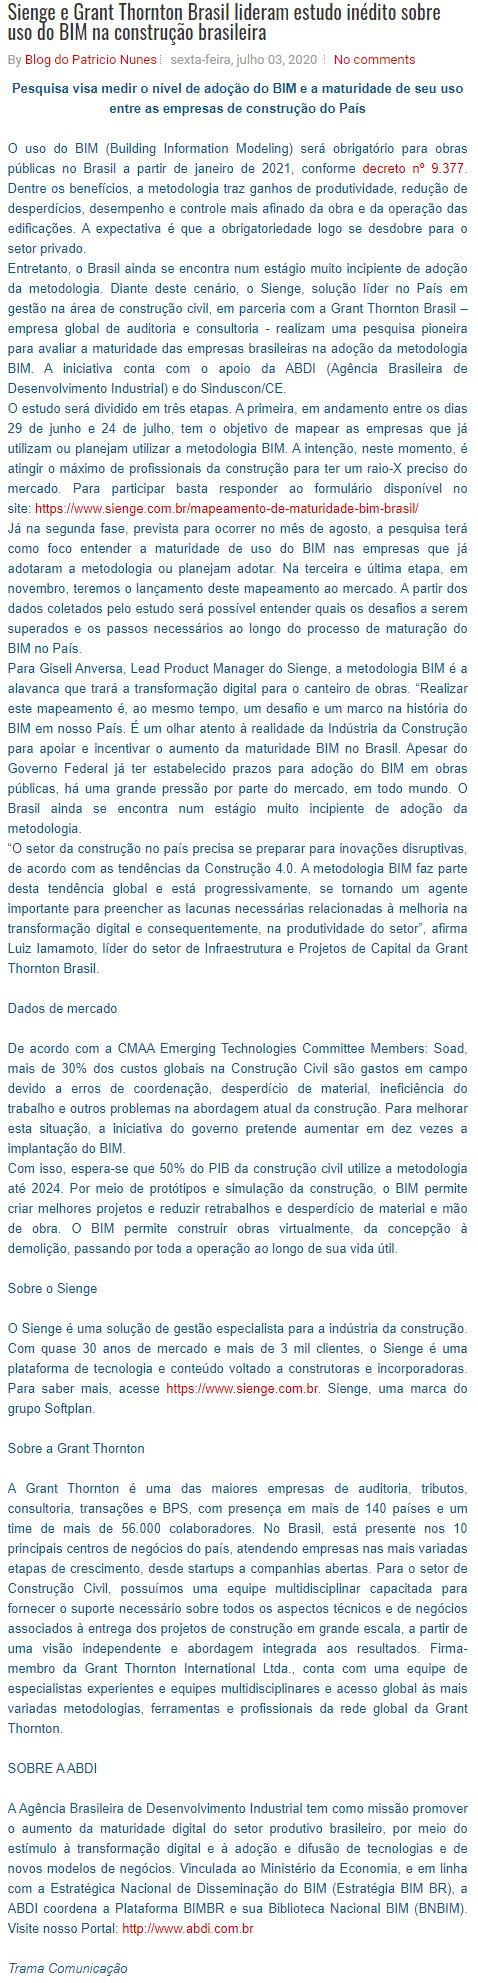 A jornada de inovação de uma das maiores empresas brasileiras de tecnologia - NSC Total